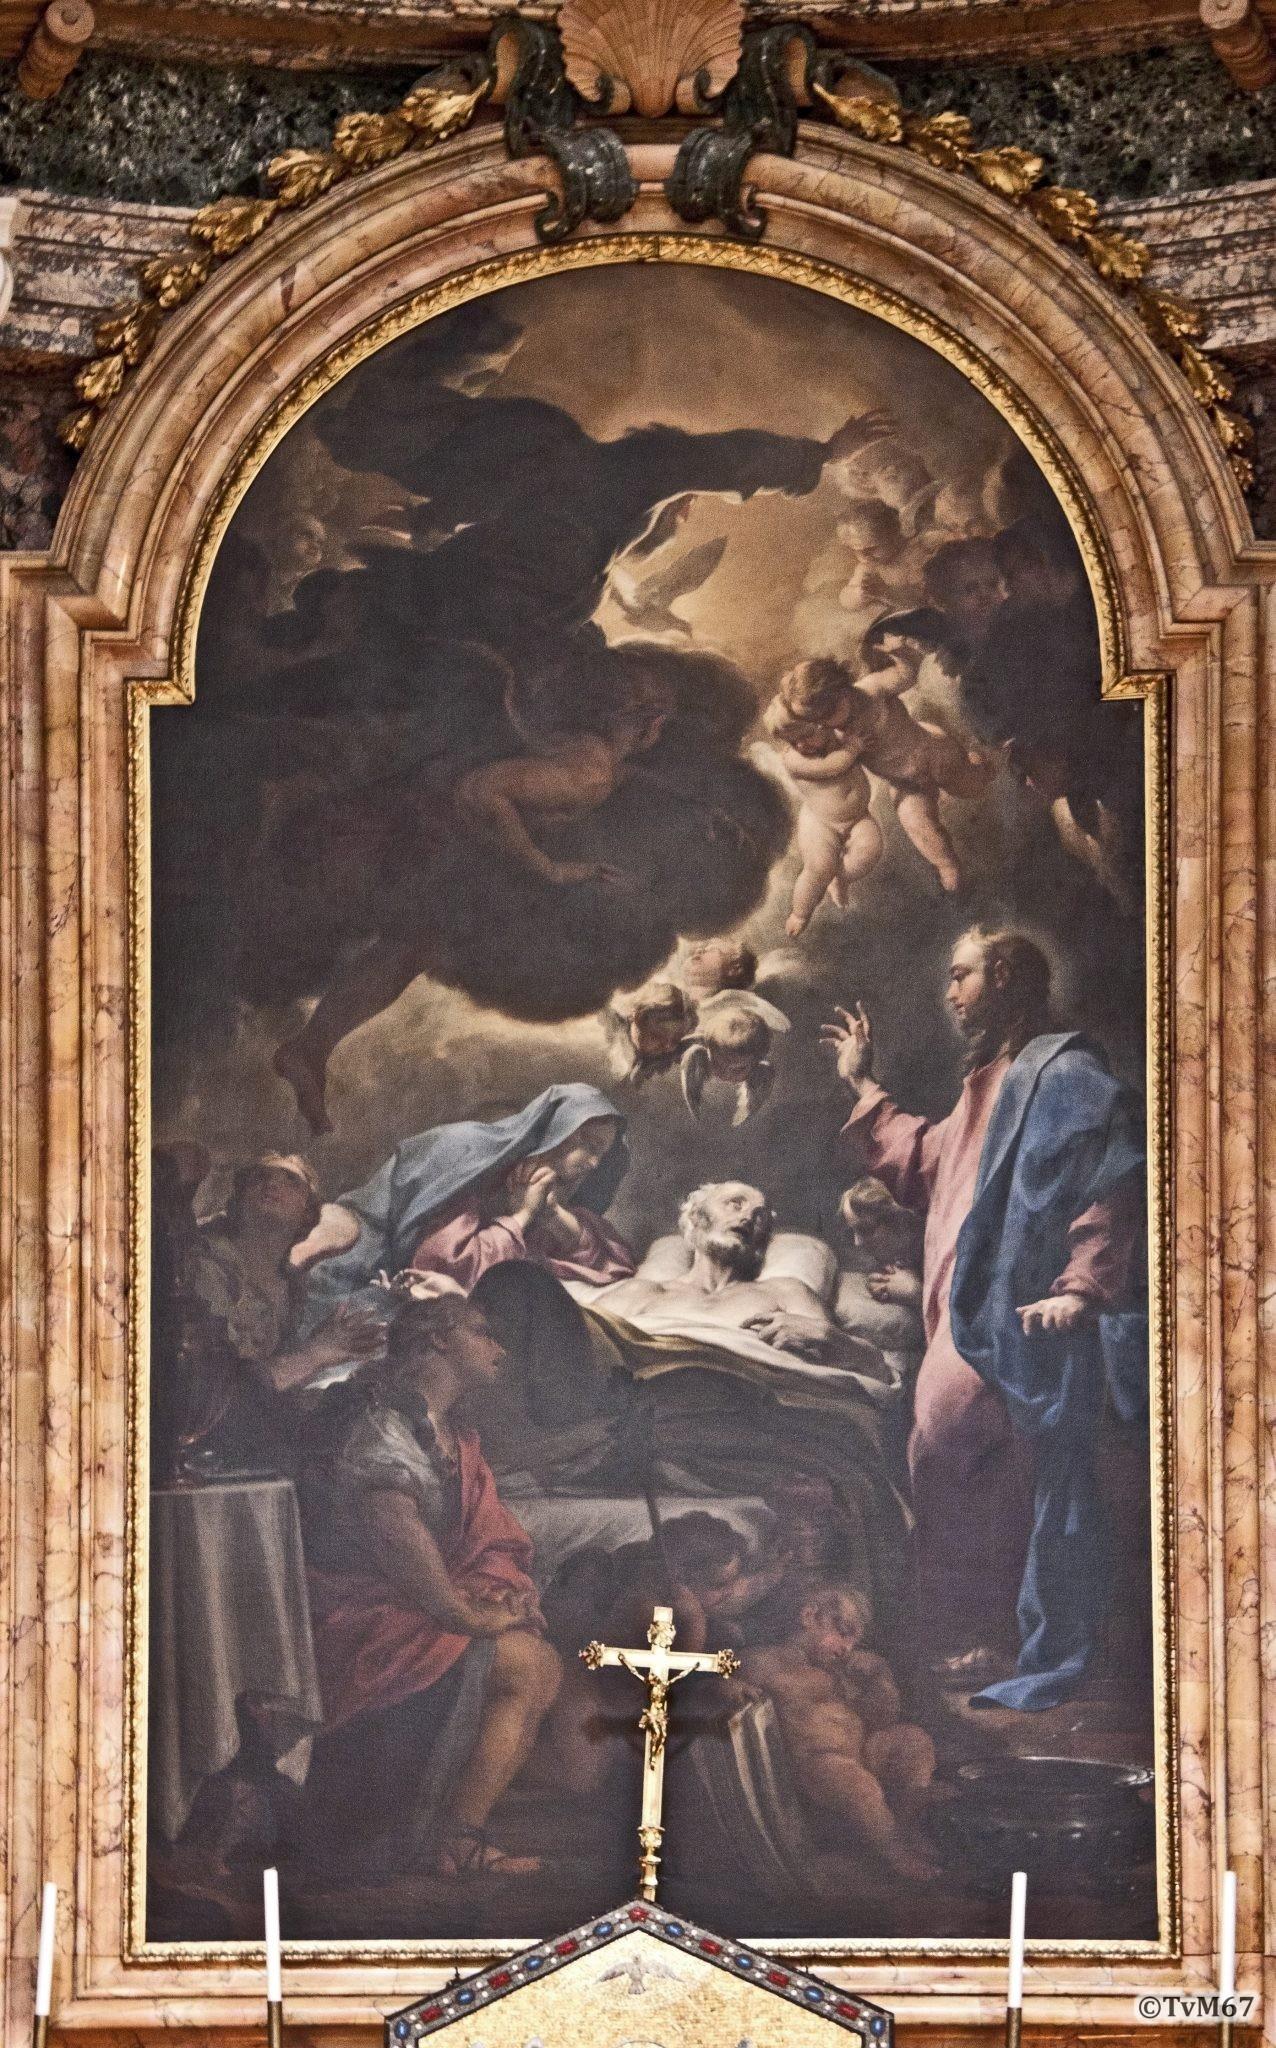 Roma, Chiesa di Sant'Ignazio, 2e k re, Cap Sacripanti, Altaar, Trevisani, Dood van Jozef,